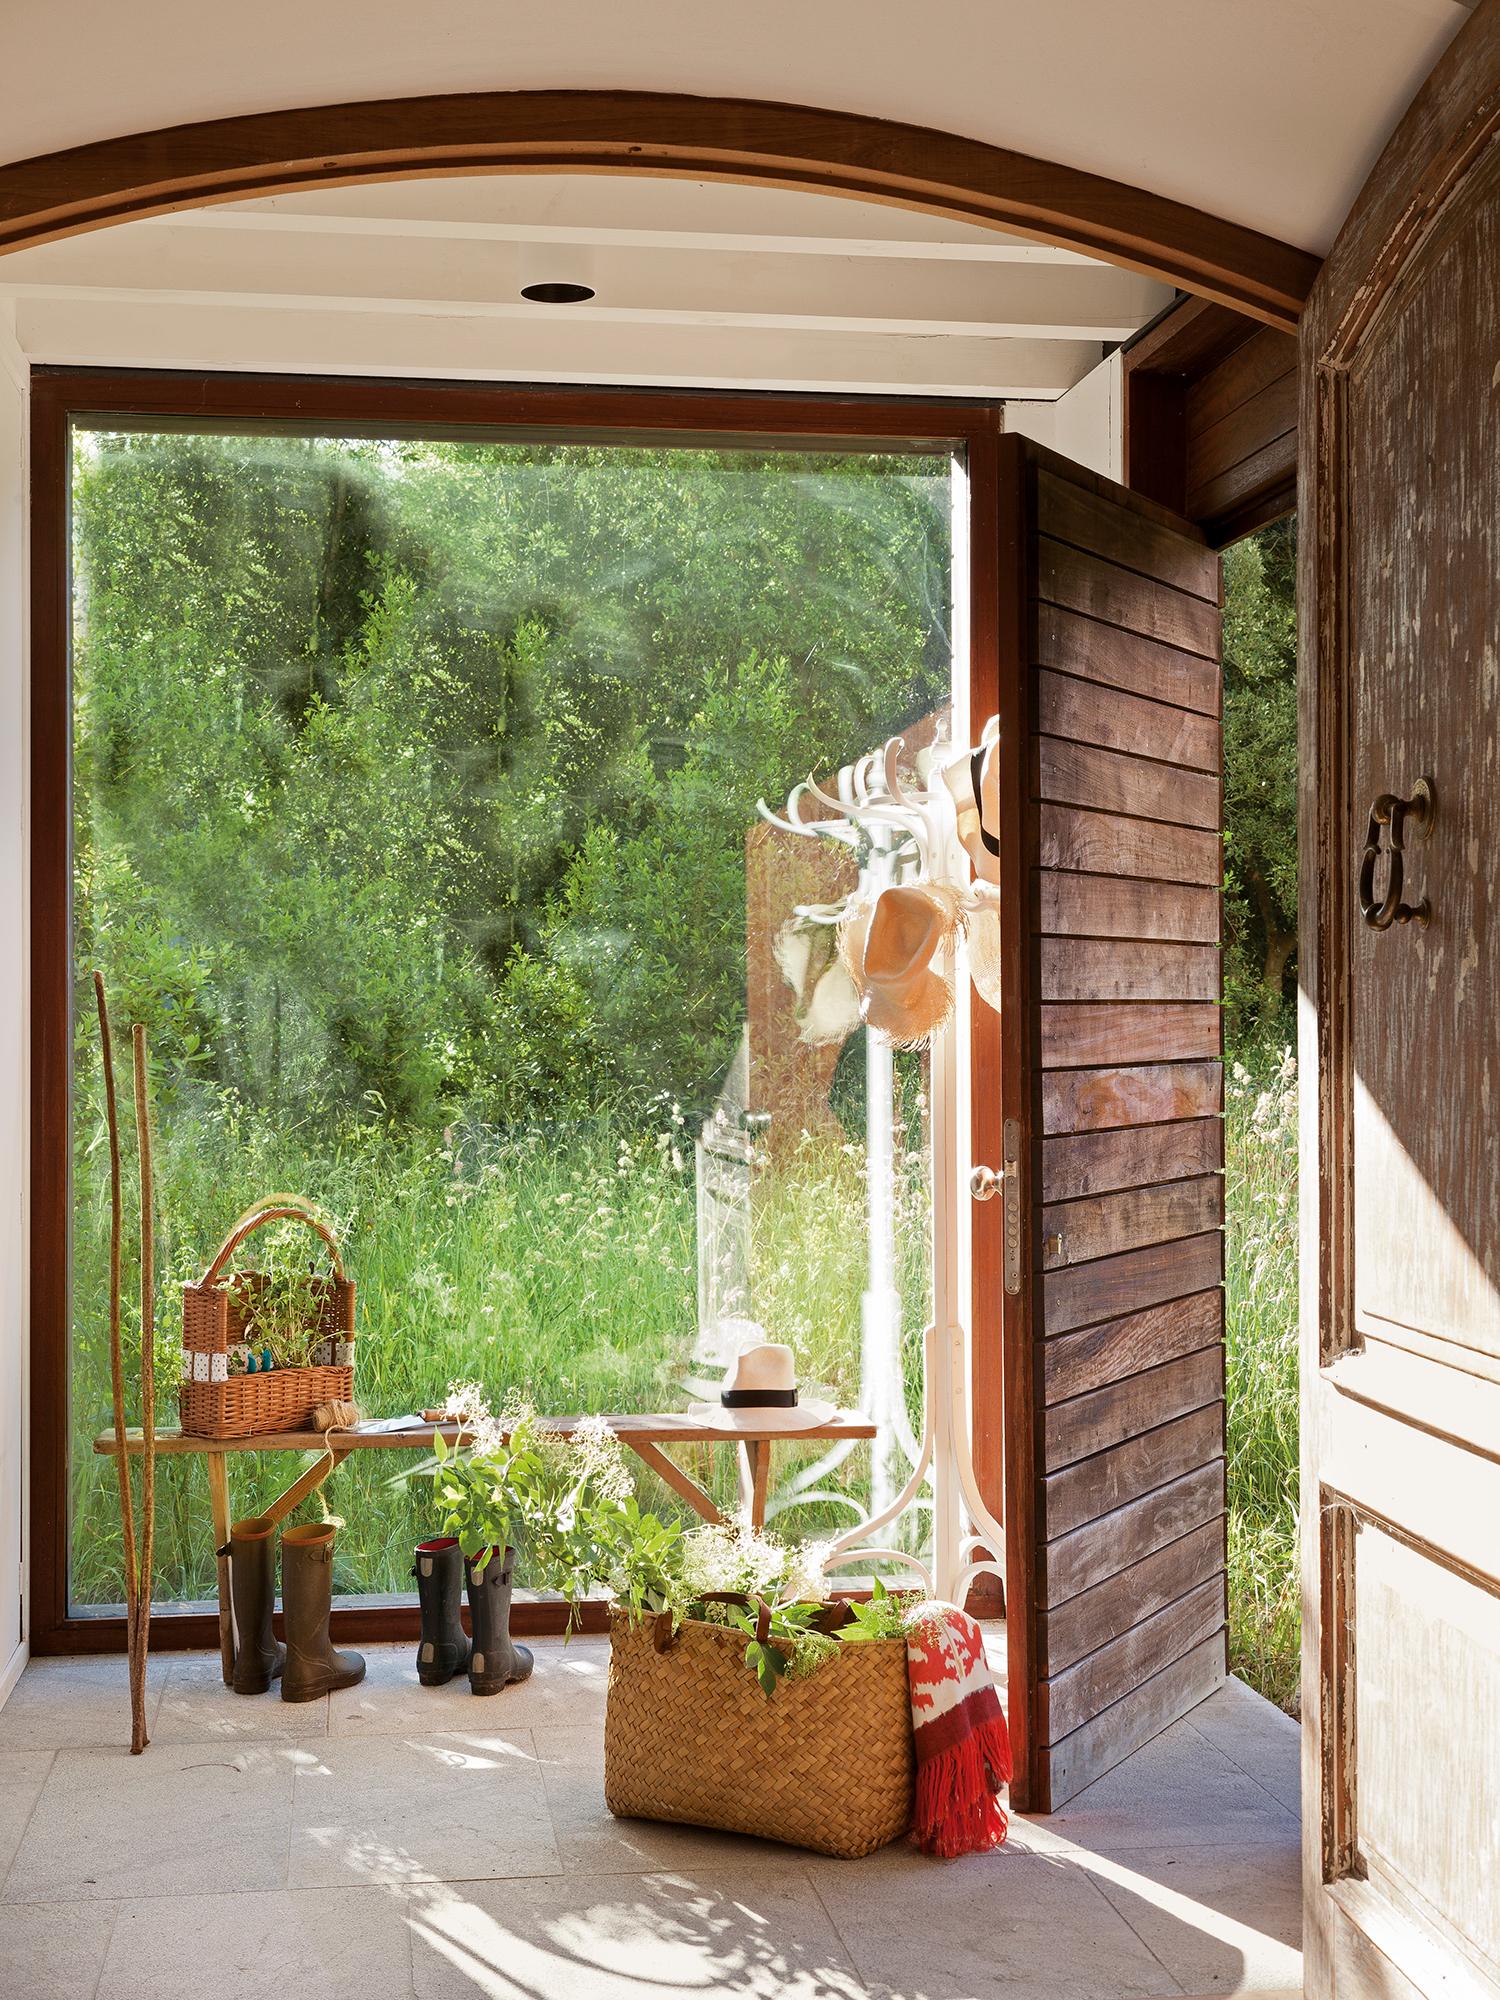 Recibidores los mejores 50 de el mueble for El mueble casas rusticas